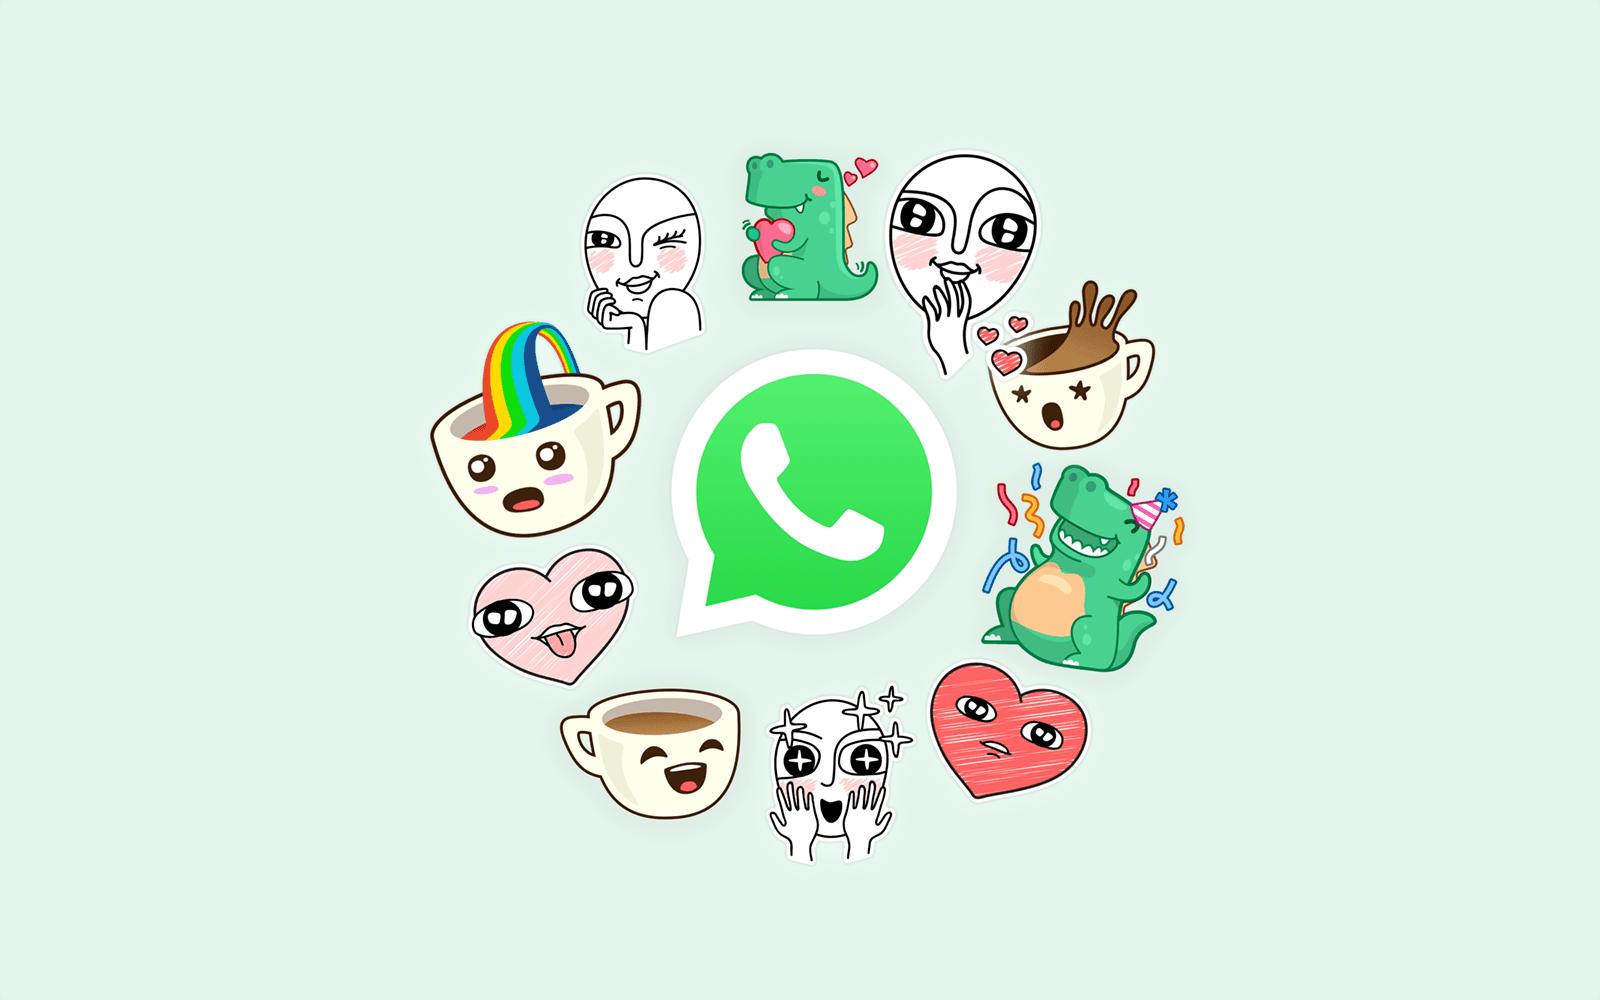 Mogliby już to wprowadzić - korzystanie z WhatsApp na wielu urządzeniach